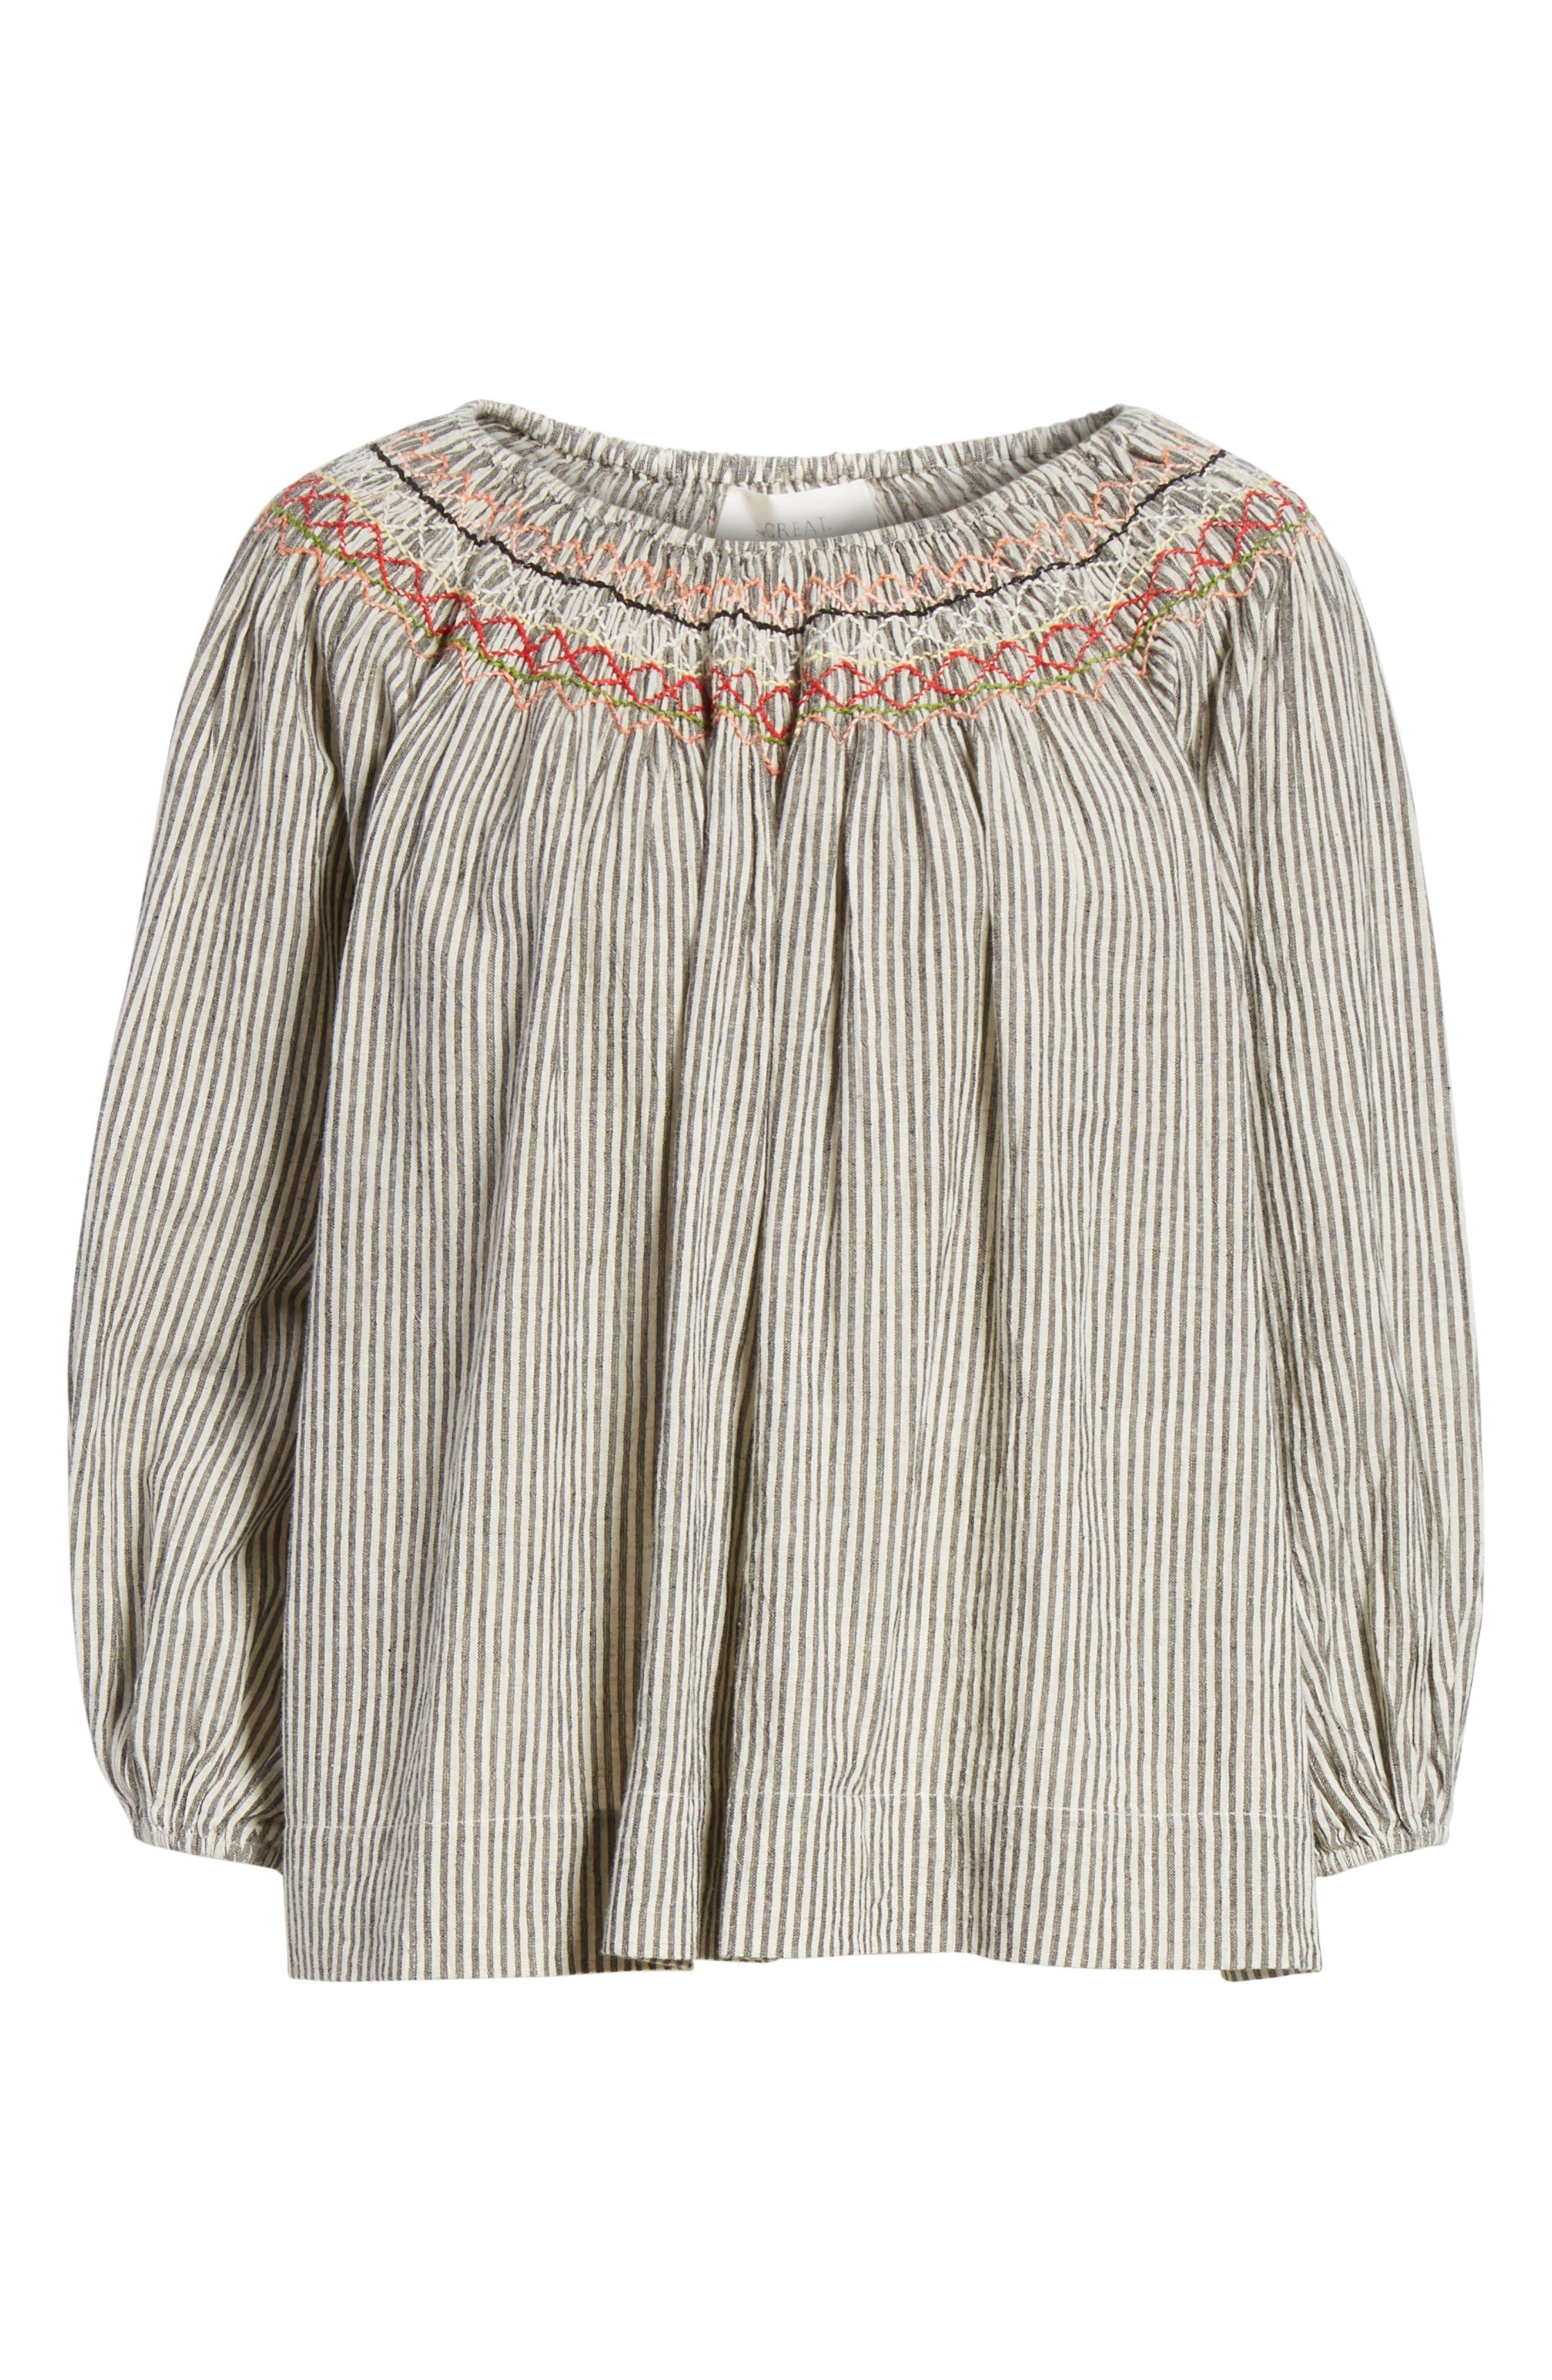 The Vista Cotton & Linen Top,                             Alternate thumbnail 6, color,                             Rail Stripe